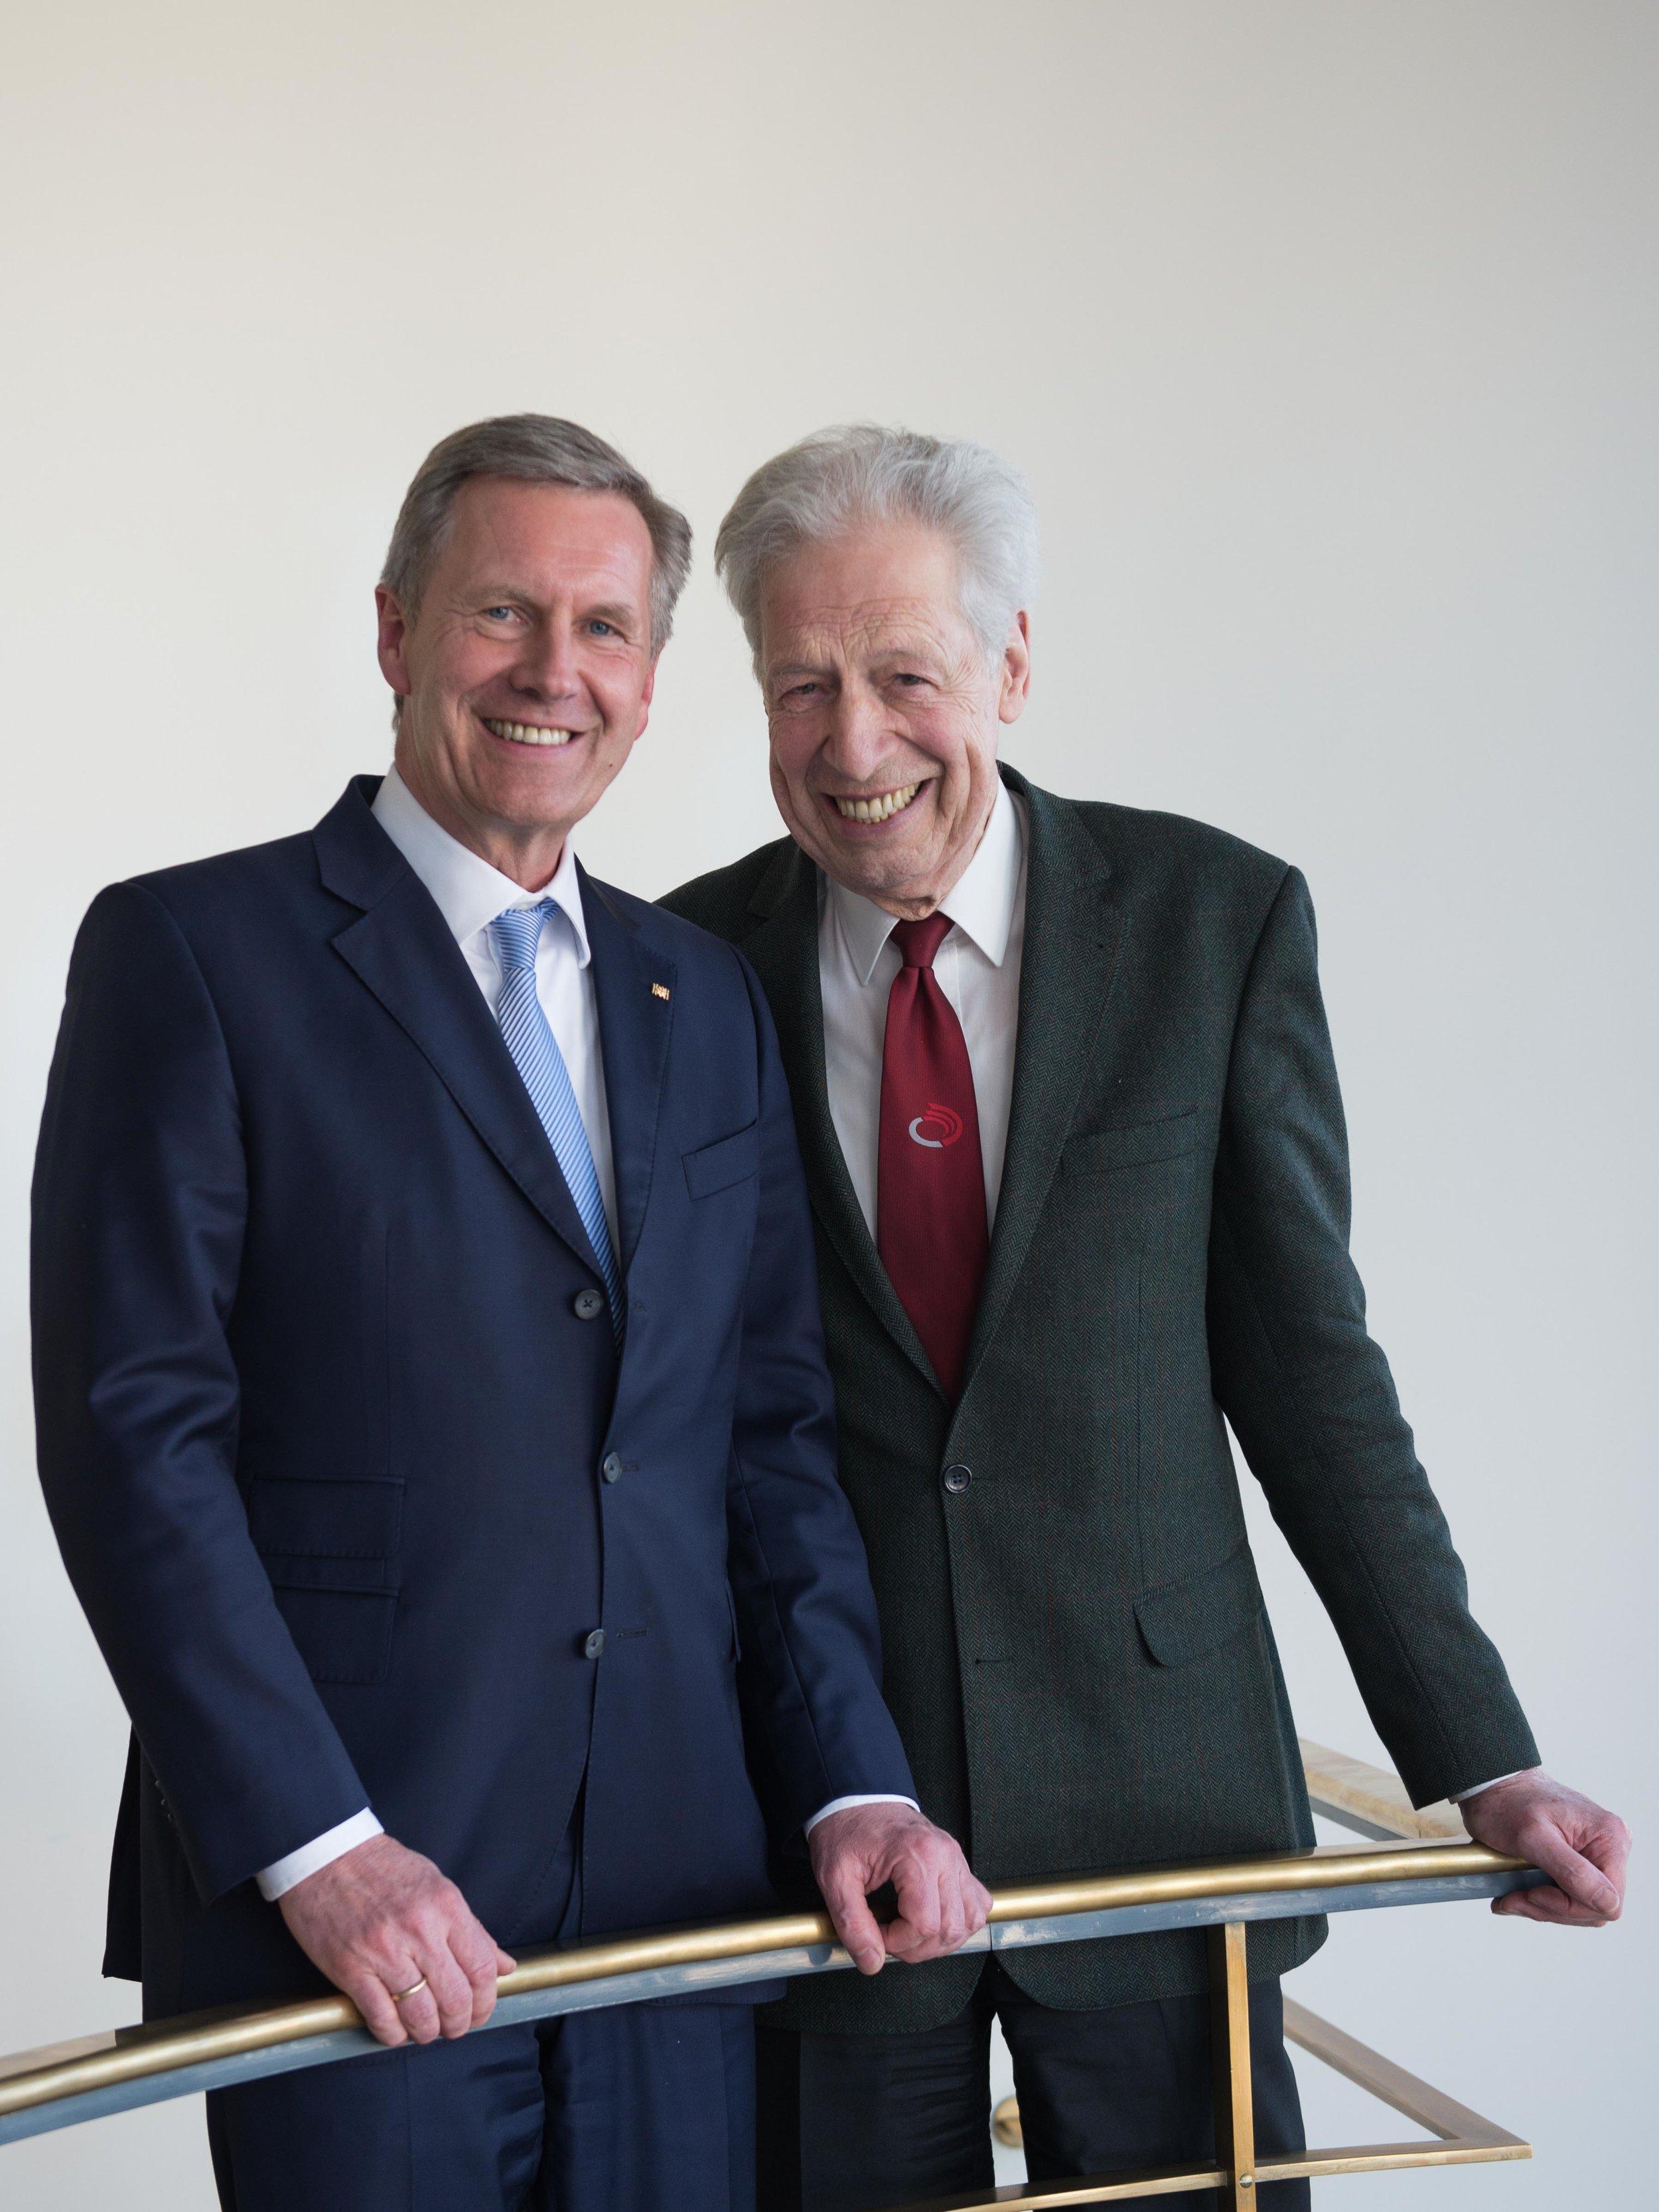 Christian Wulff & Henning Scherf